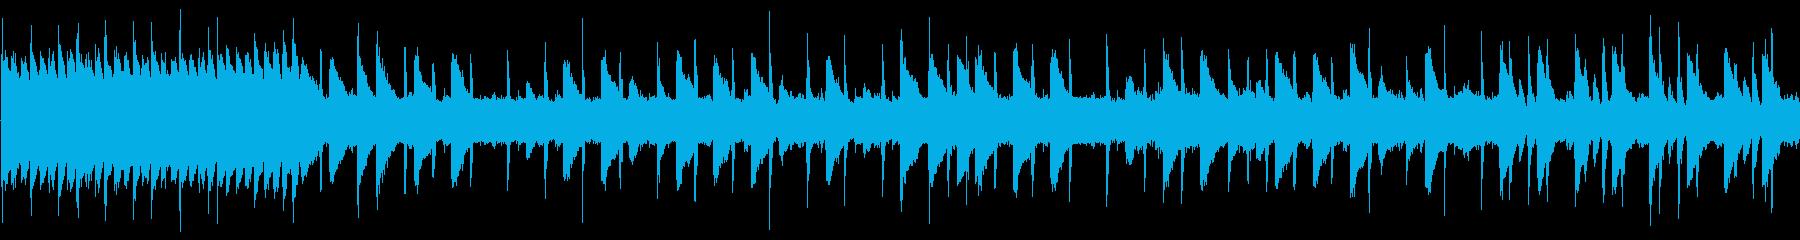 8bit 疾走系チップチューン ループ版の再生済みの波形